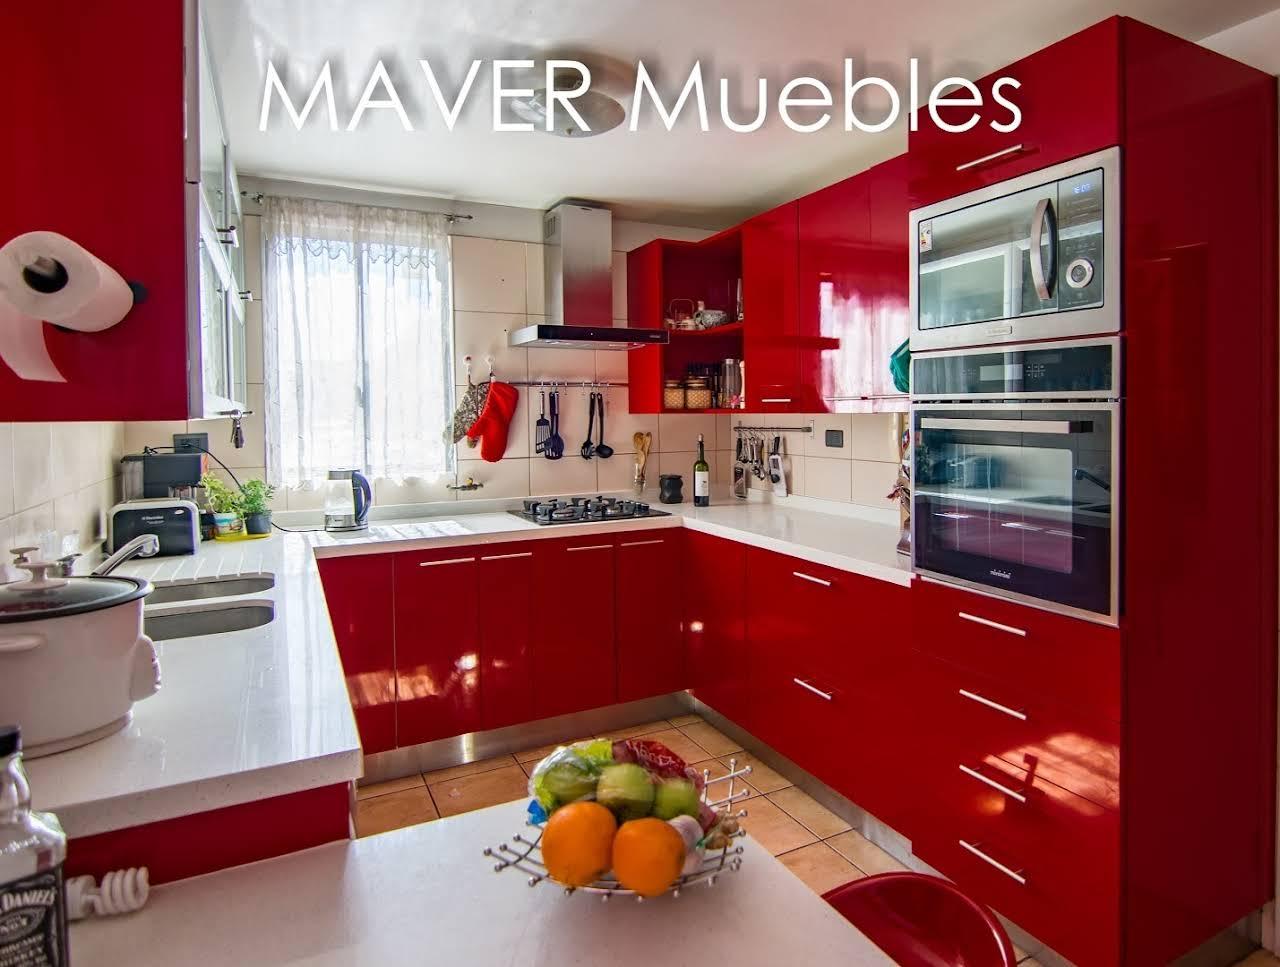 MAVER muebles de cocina - Muebles de cocina en La Reina Las Condes ...